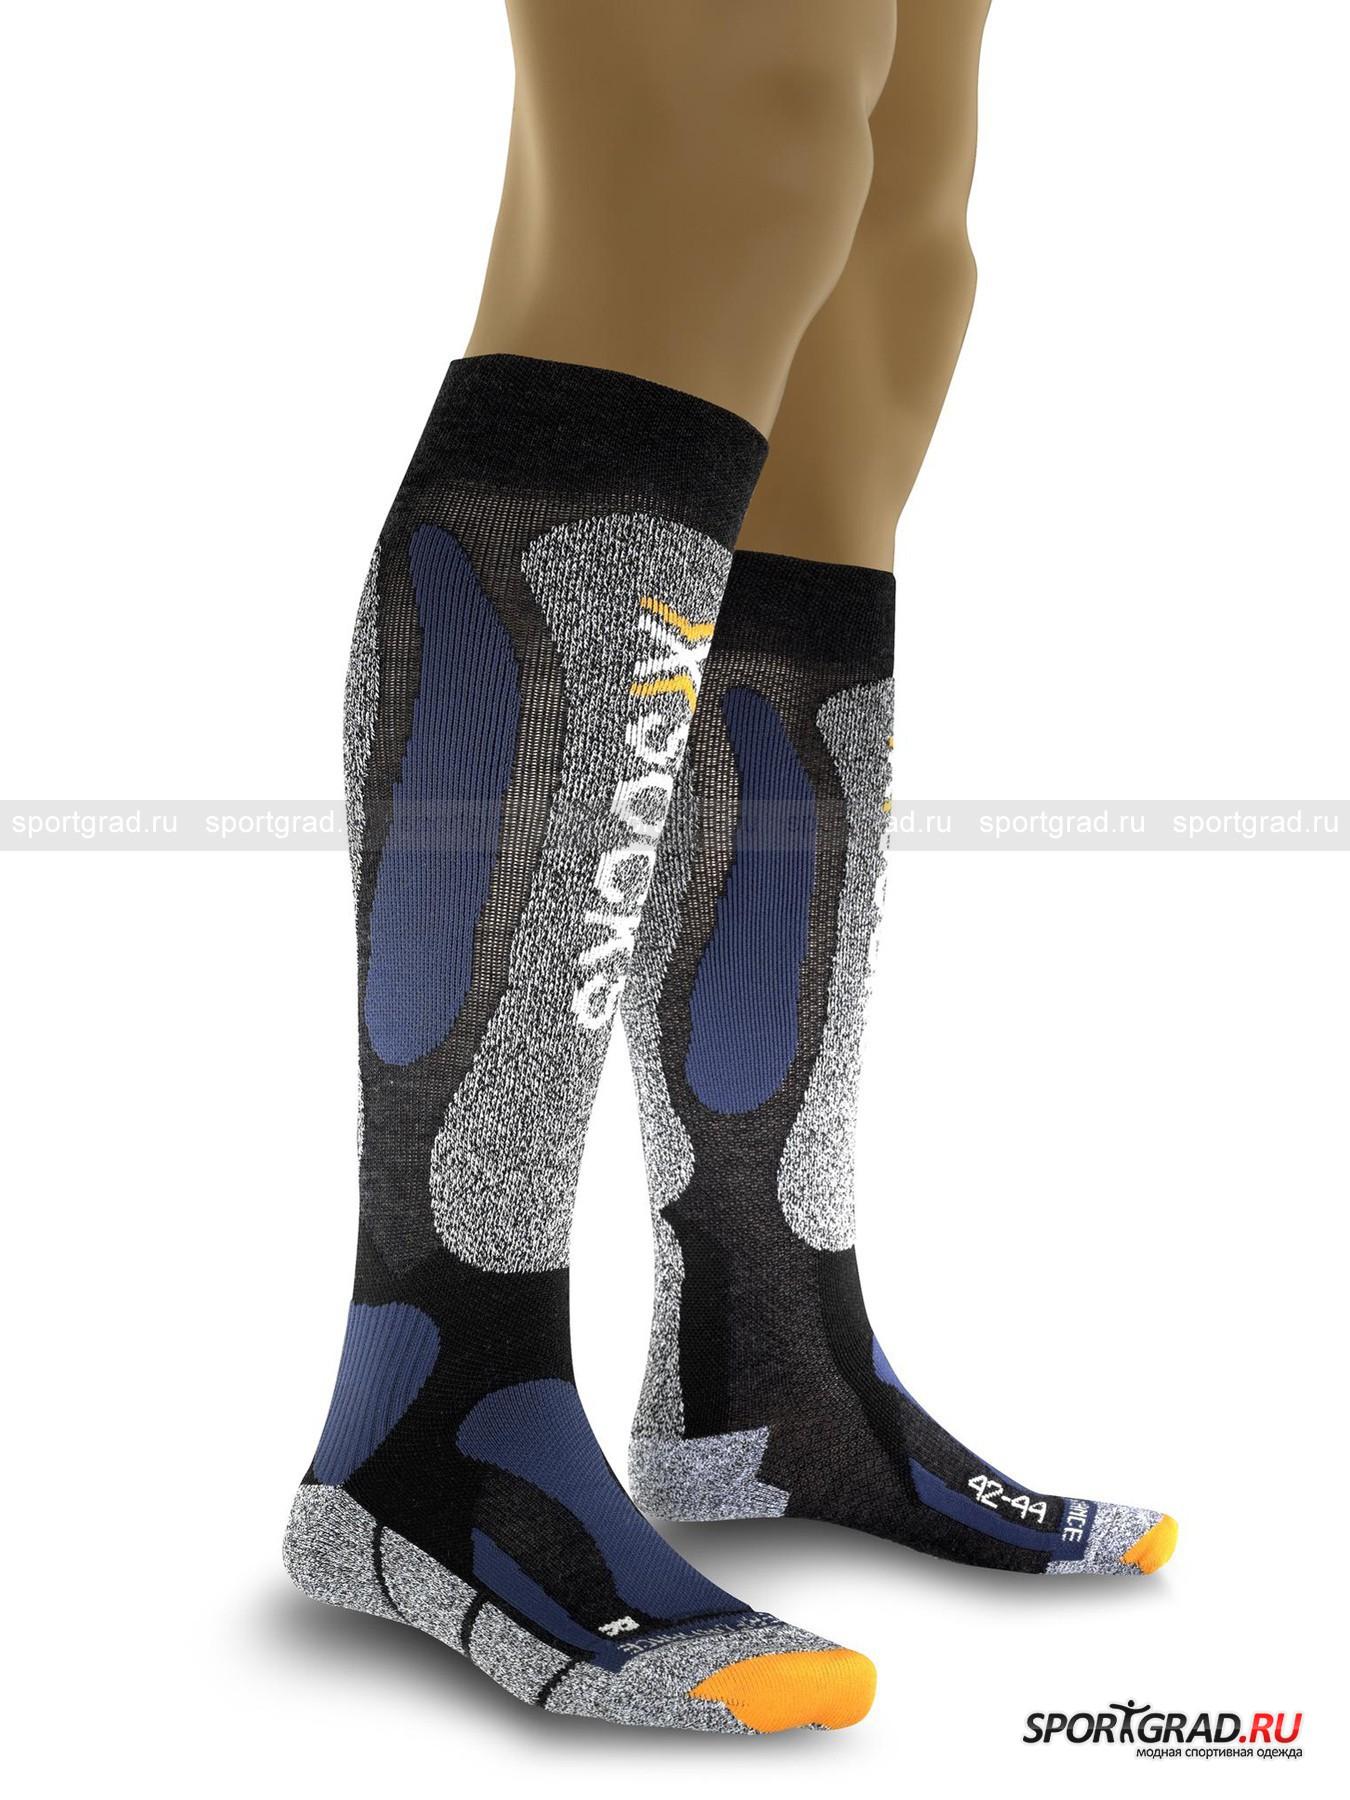 Термоноски унисекс Ski Performance X-SOCKS от Спортград